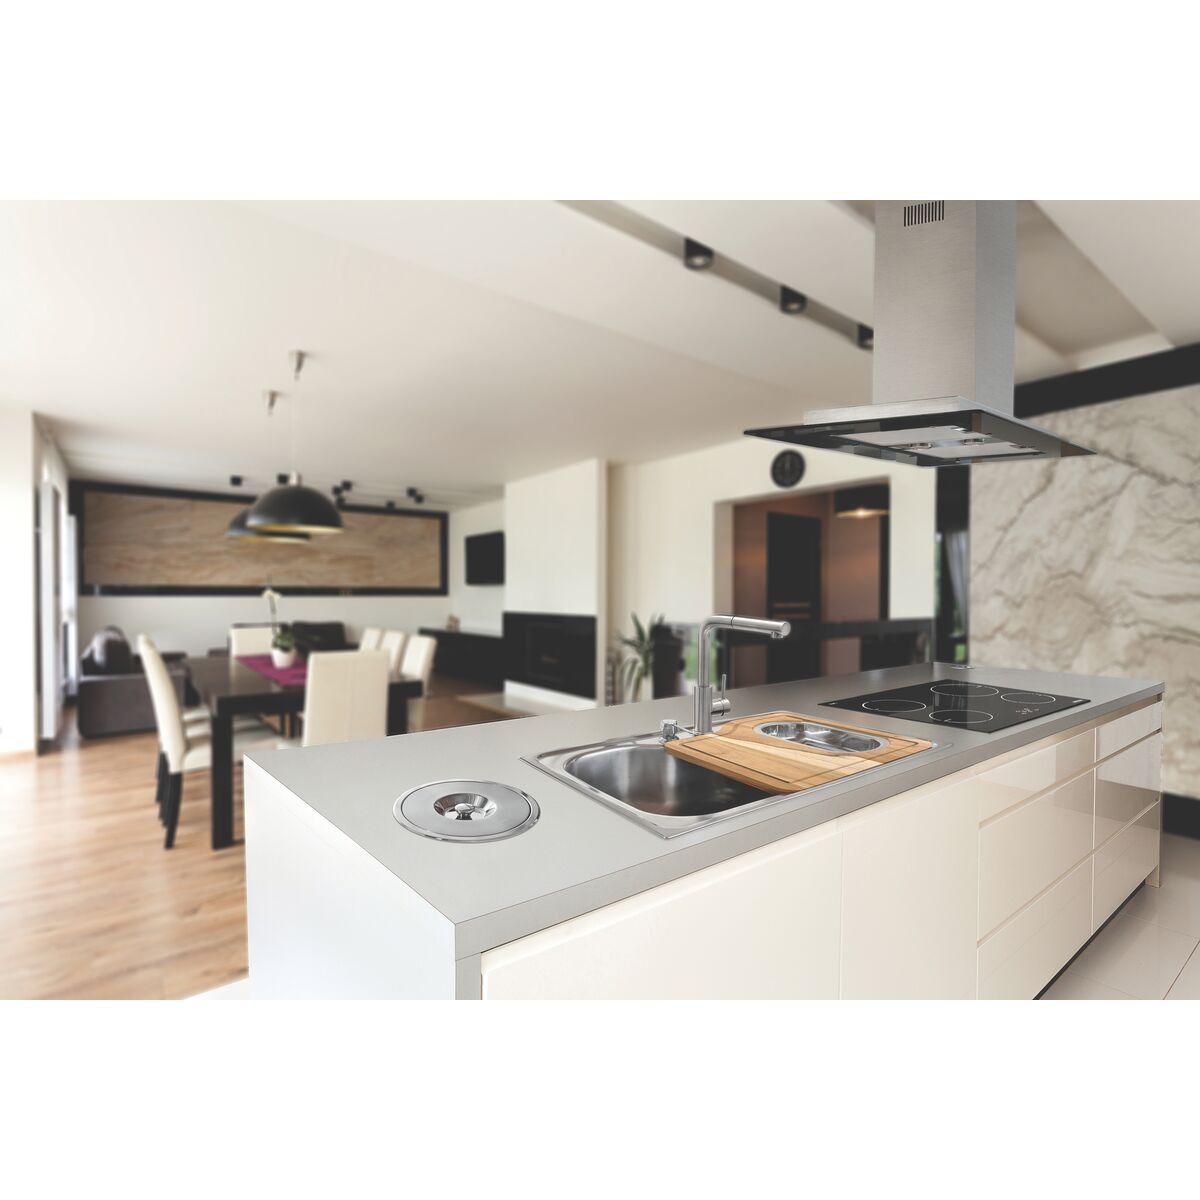 Tramontina - Campana de isla 90 cm en acero inoxidable + vidrio ...